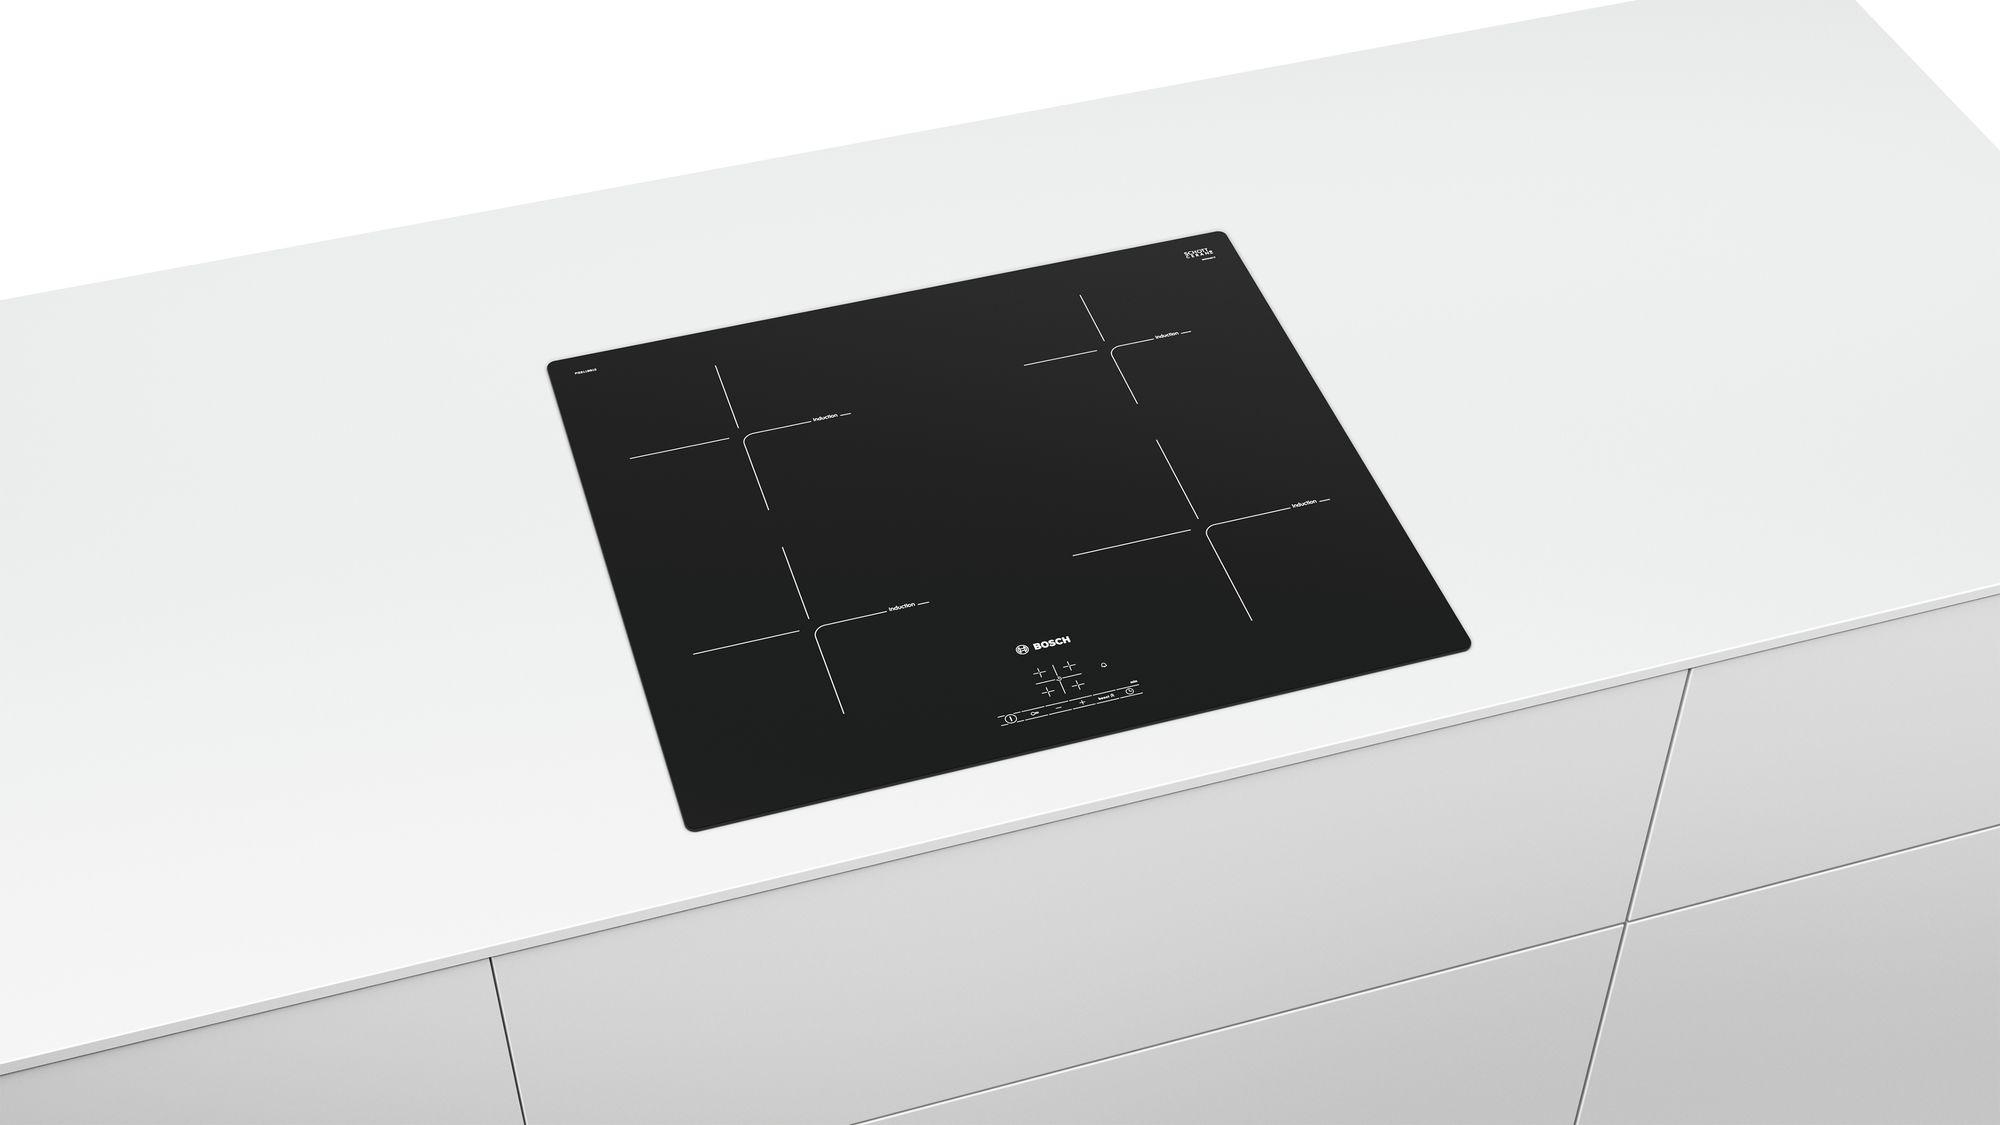 Serie | 4 Indukciona staklokeramička ploča za kuvanje, 60 cm